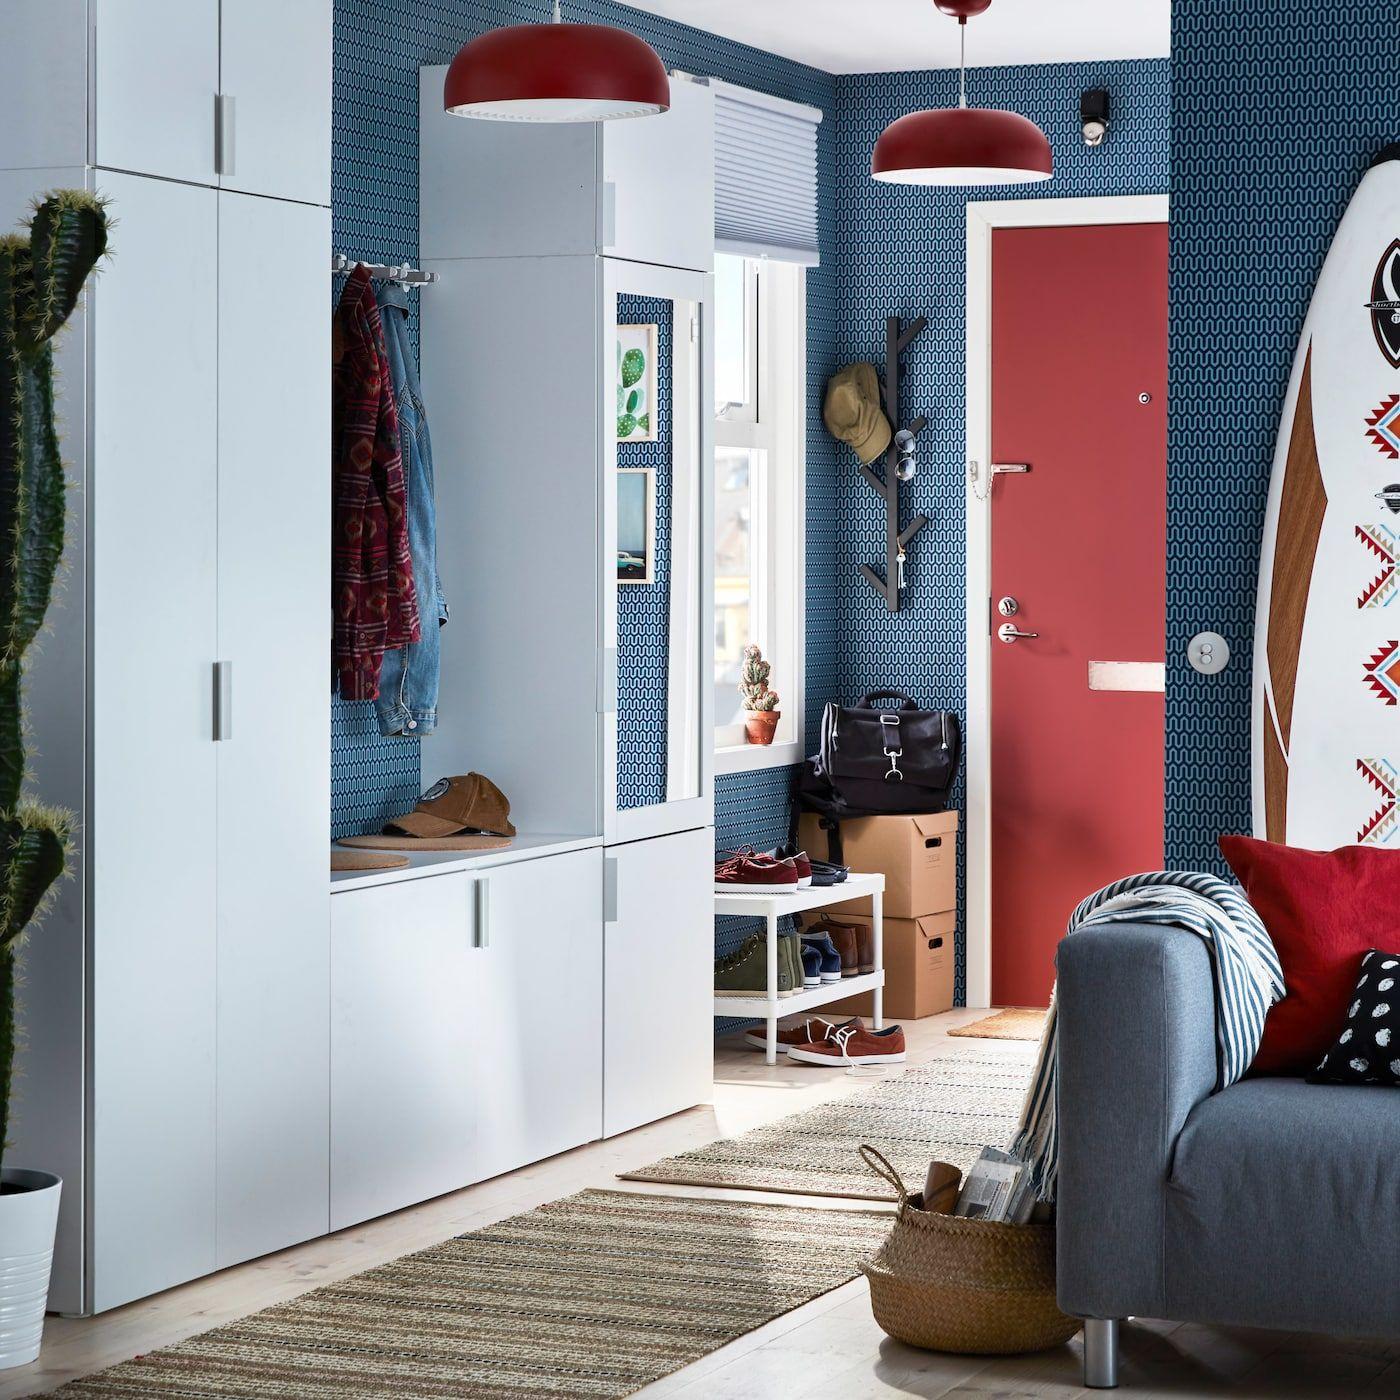 Vielseitige Flur Aufbewahrung Mit Vielen Funktionen Wohnen Room